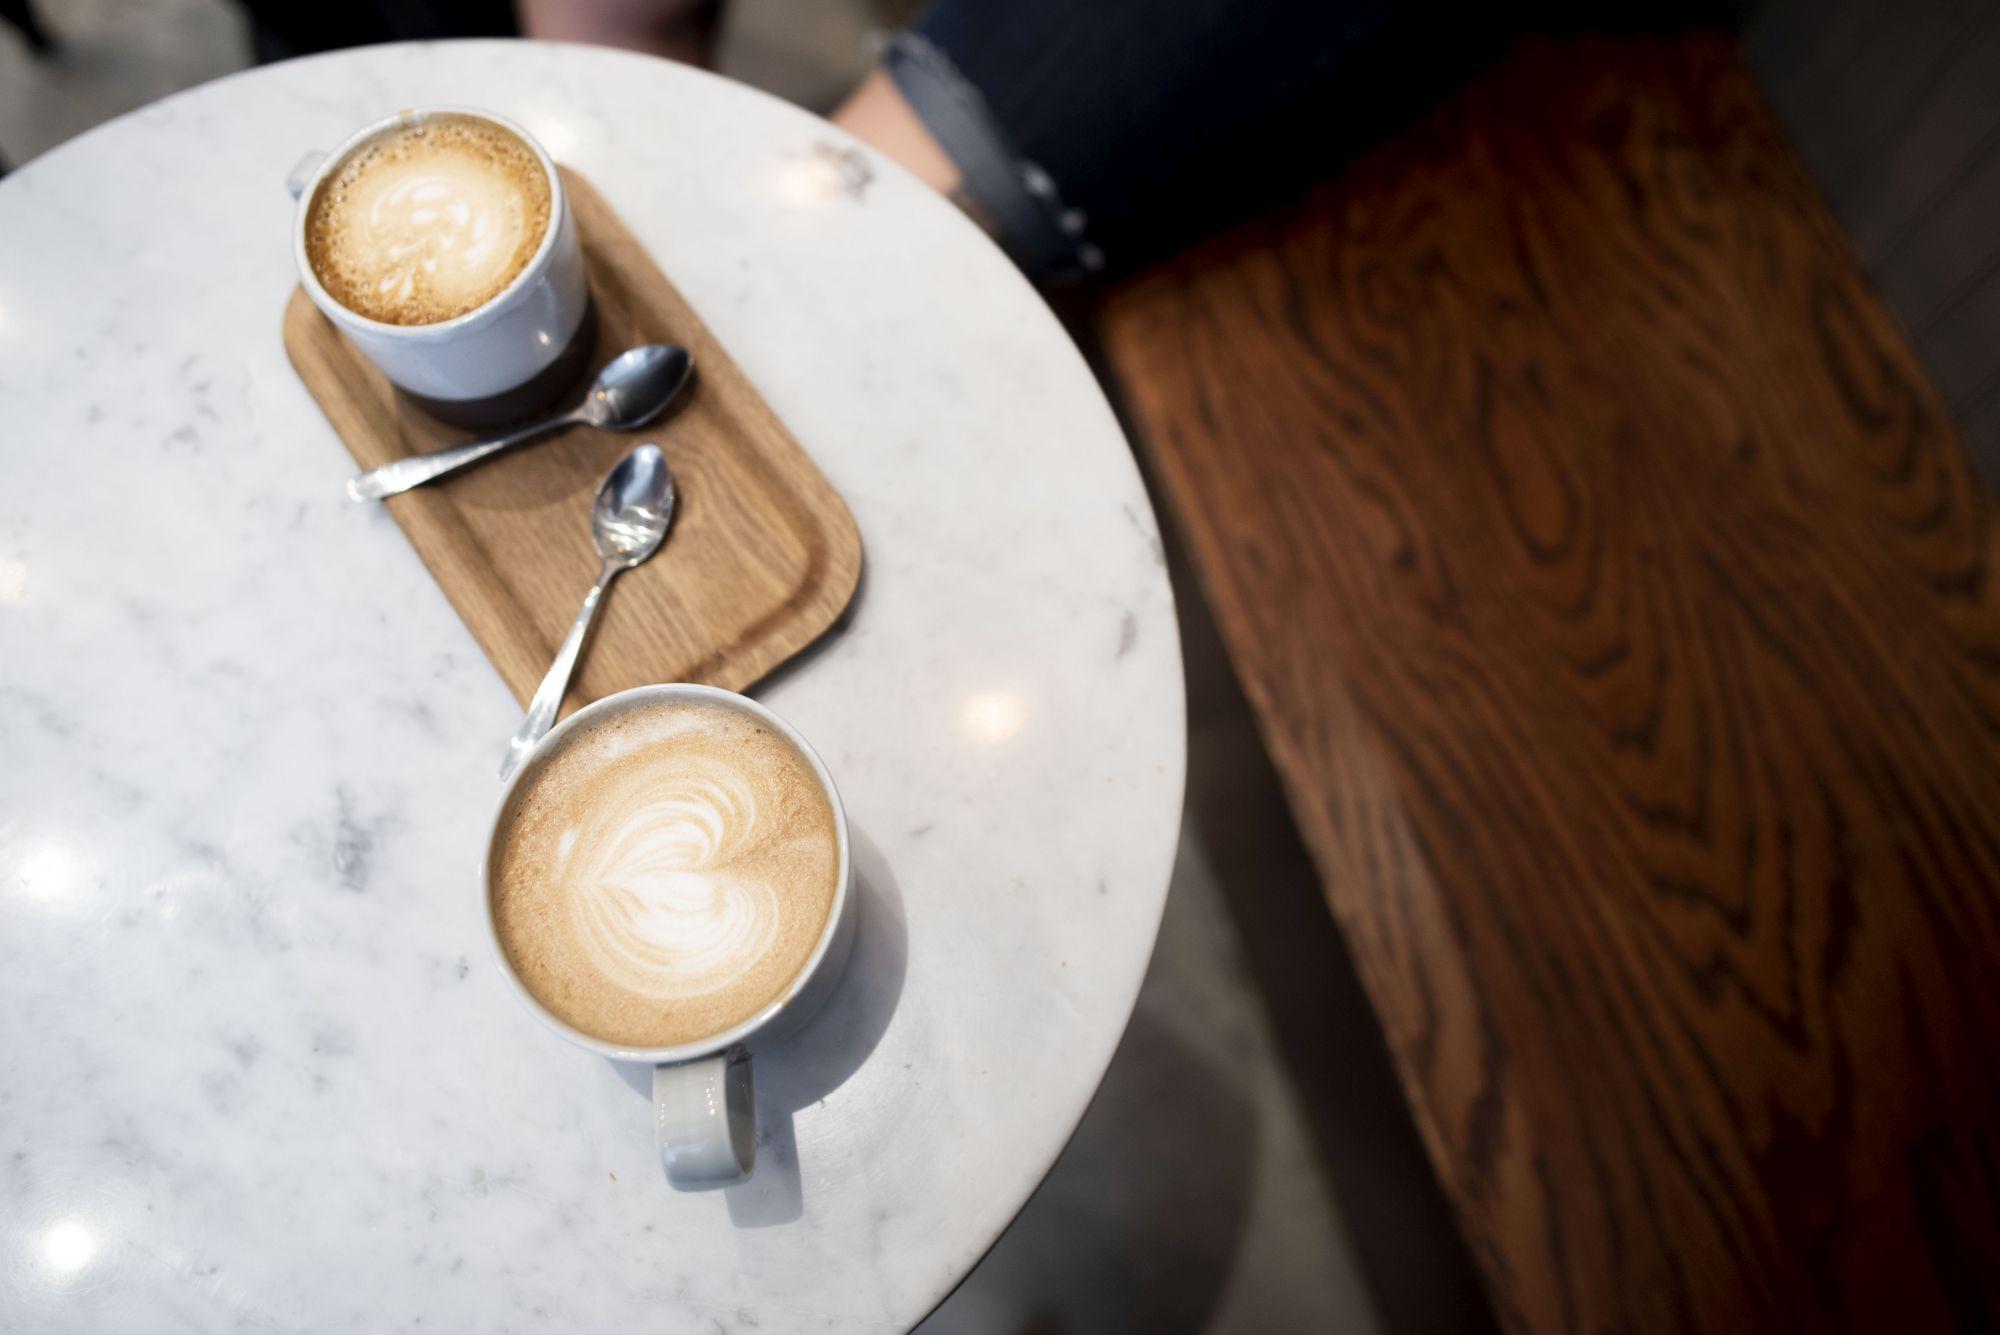 Slide 4 - Kuro Kirin Coffee